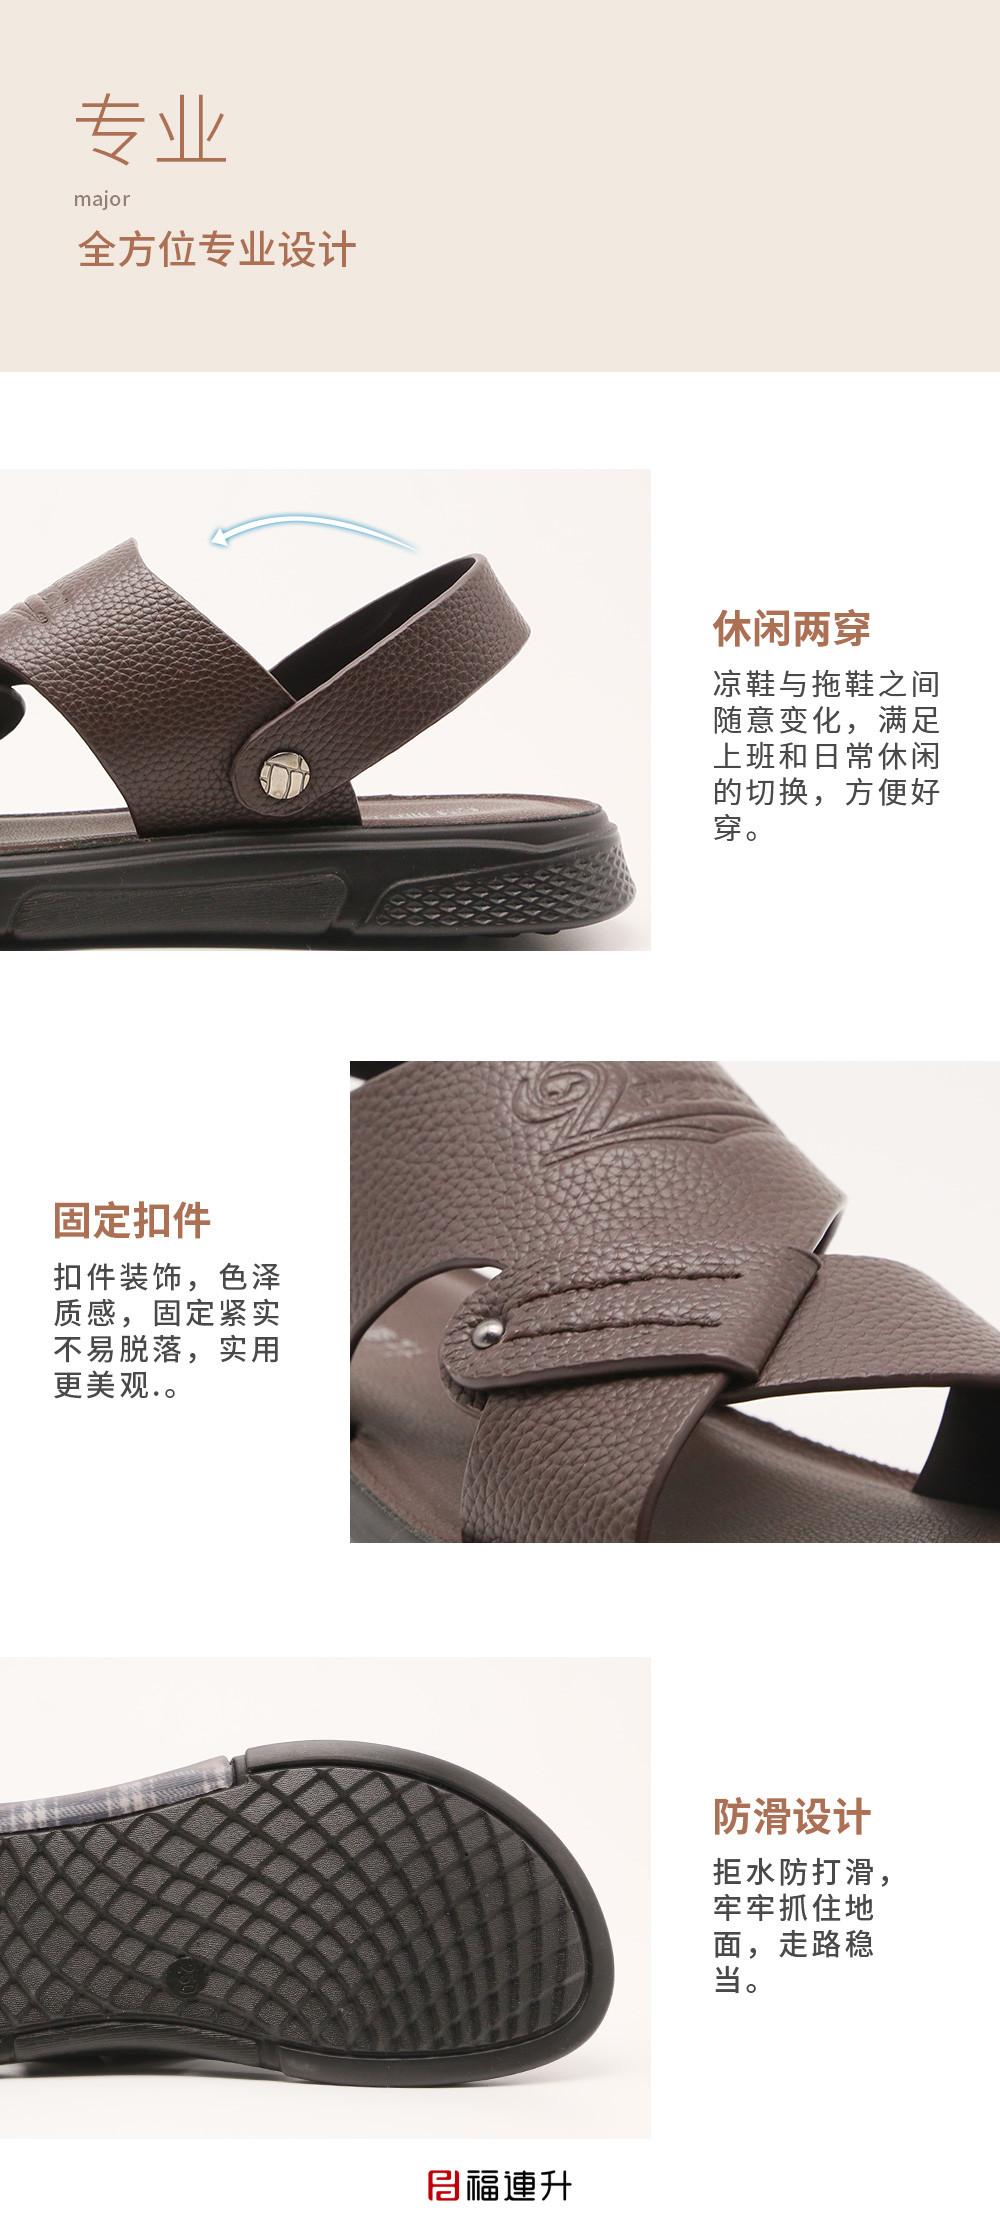 福连升凉鞋男夏季牛皮拖鞋软底沙滩鞋图片